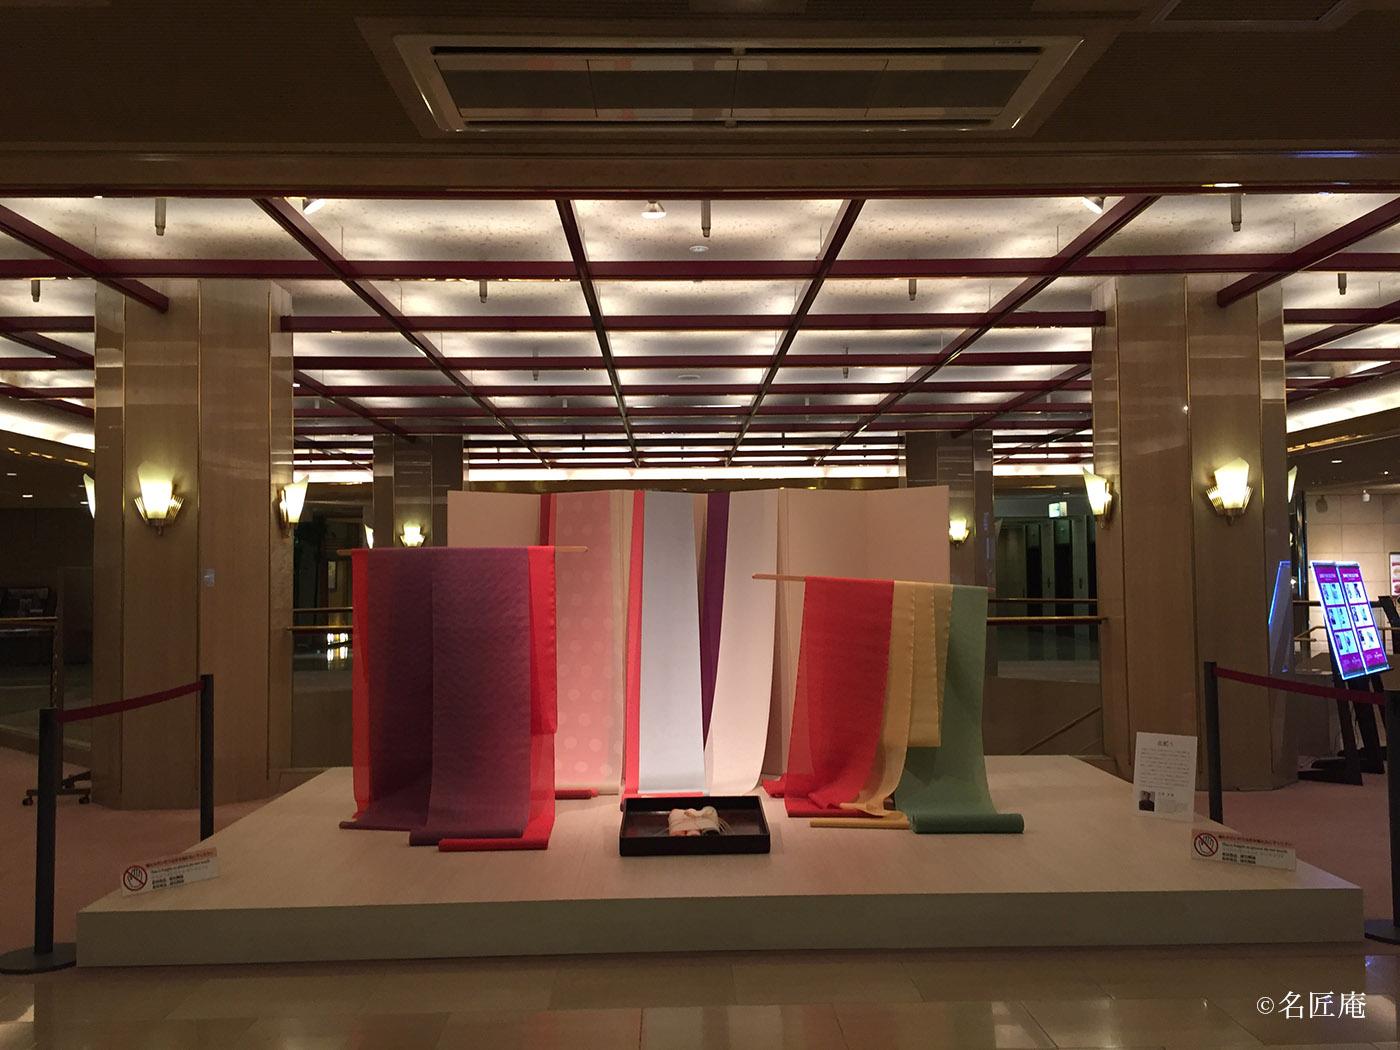 「染司 よしおか」5代目当主 染織史家の吉岡幸雄氏製作による装飾